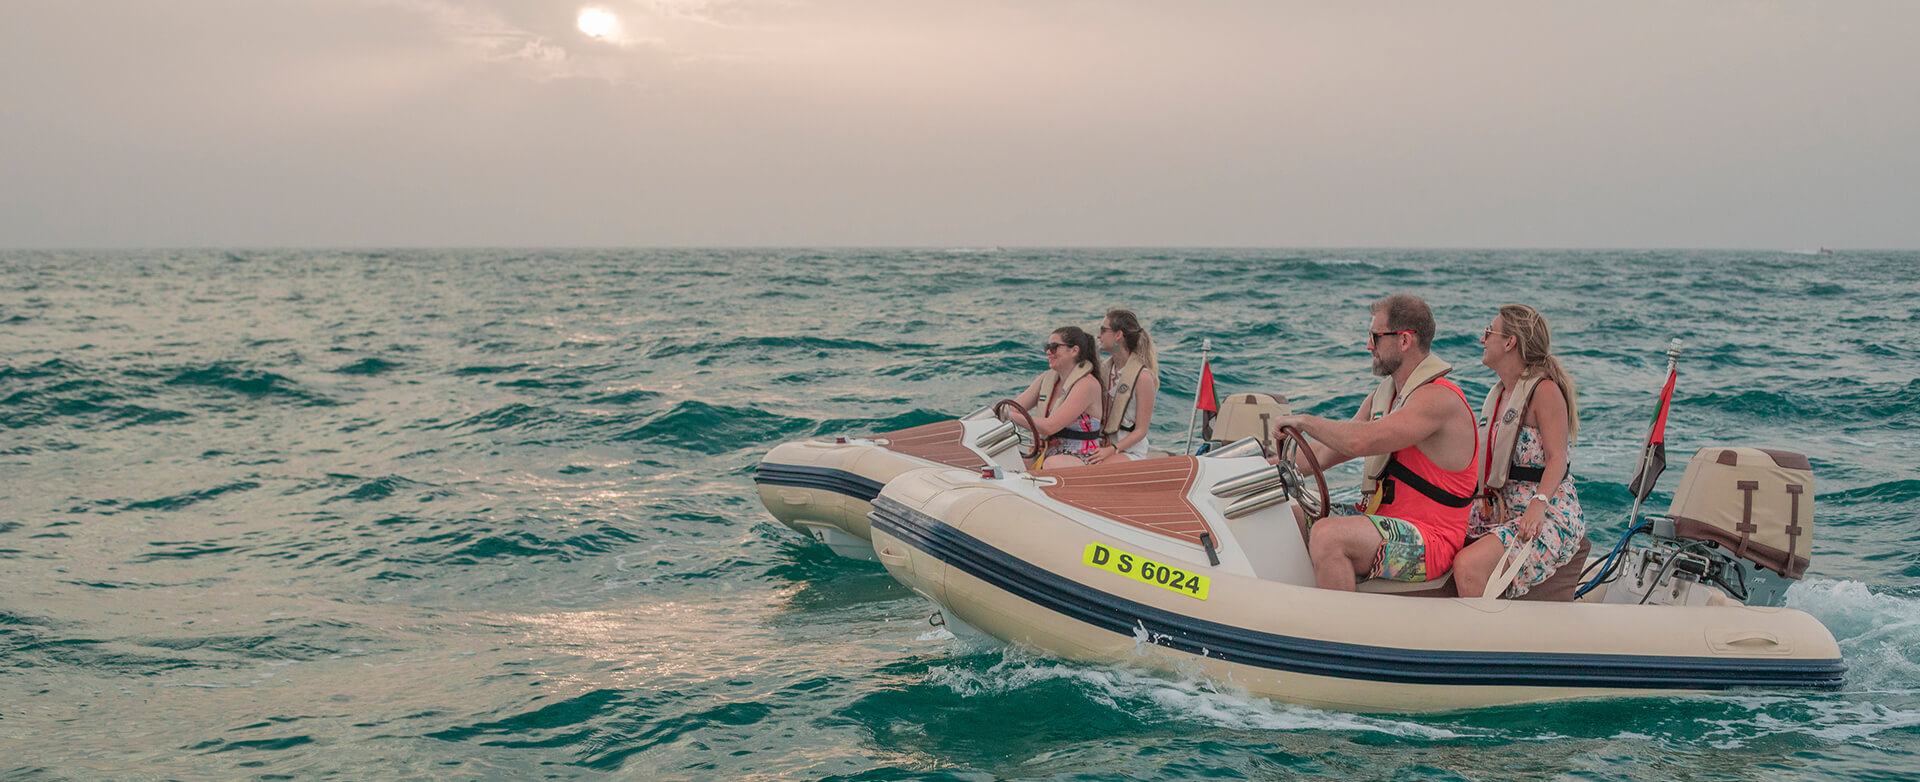 HERO Boat tour Dubai sunset